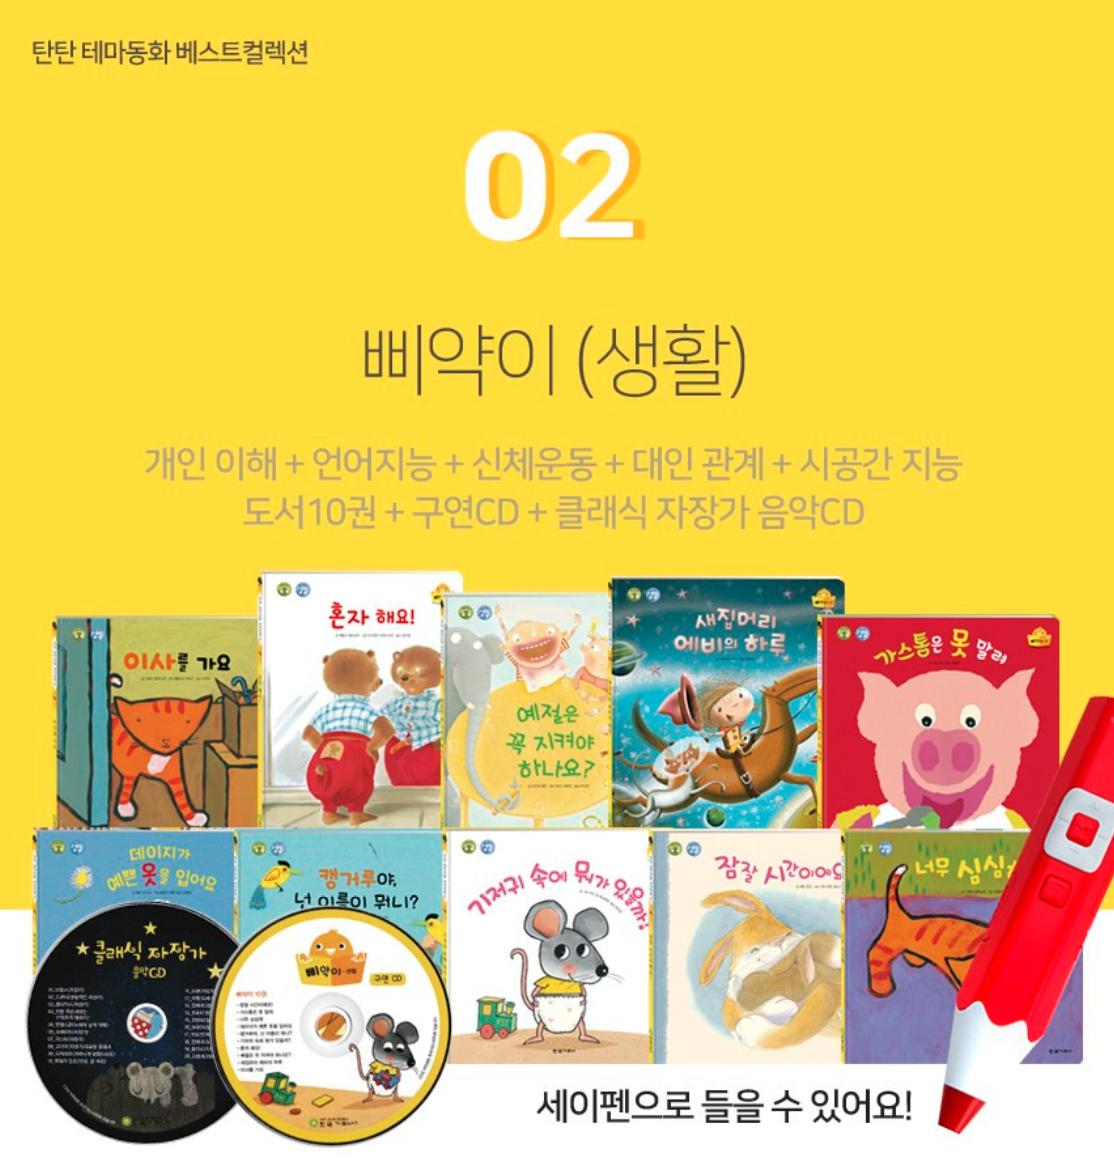 여원 탄탄 테마 동화 베스트컬렉션 – [삐약이] 성장 발달 동화책 세이펜 호환 소전집